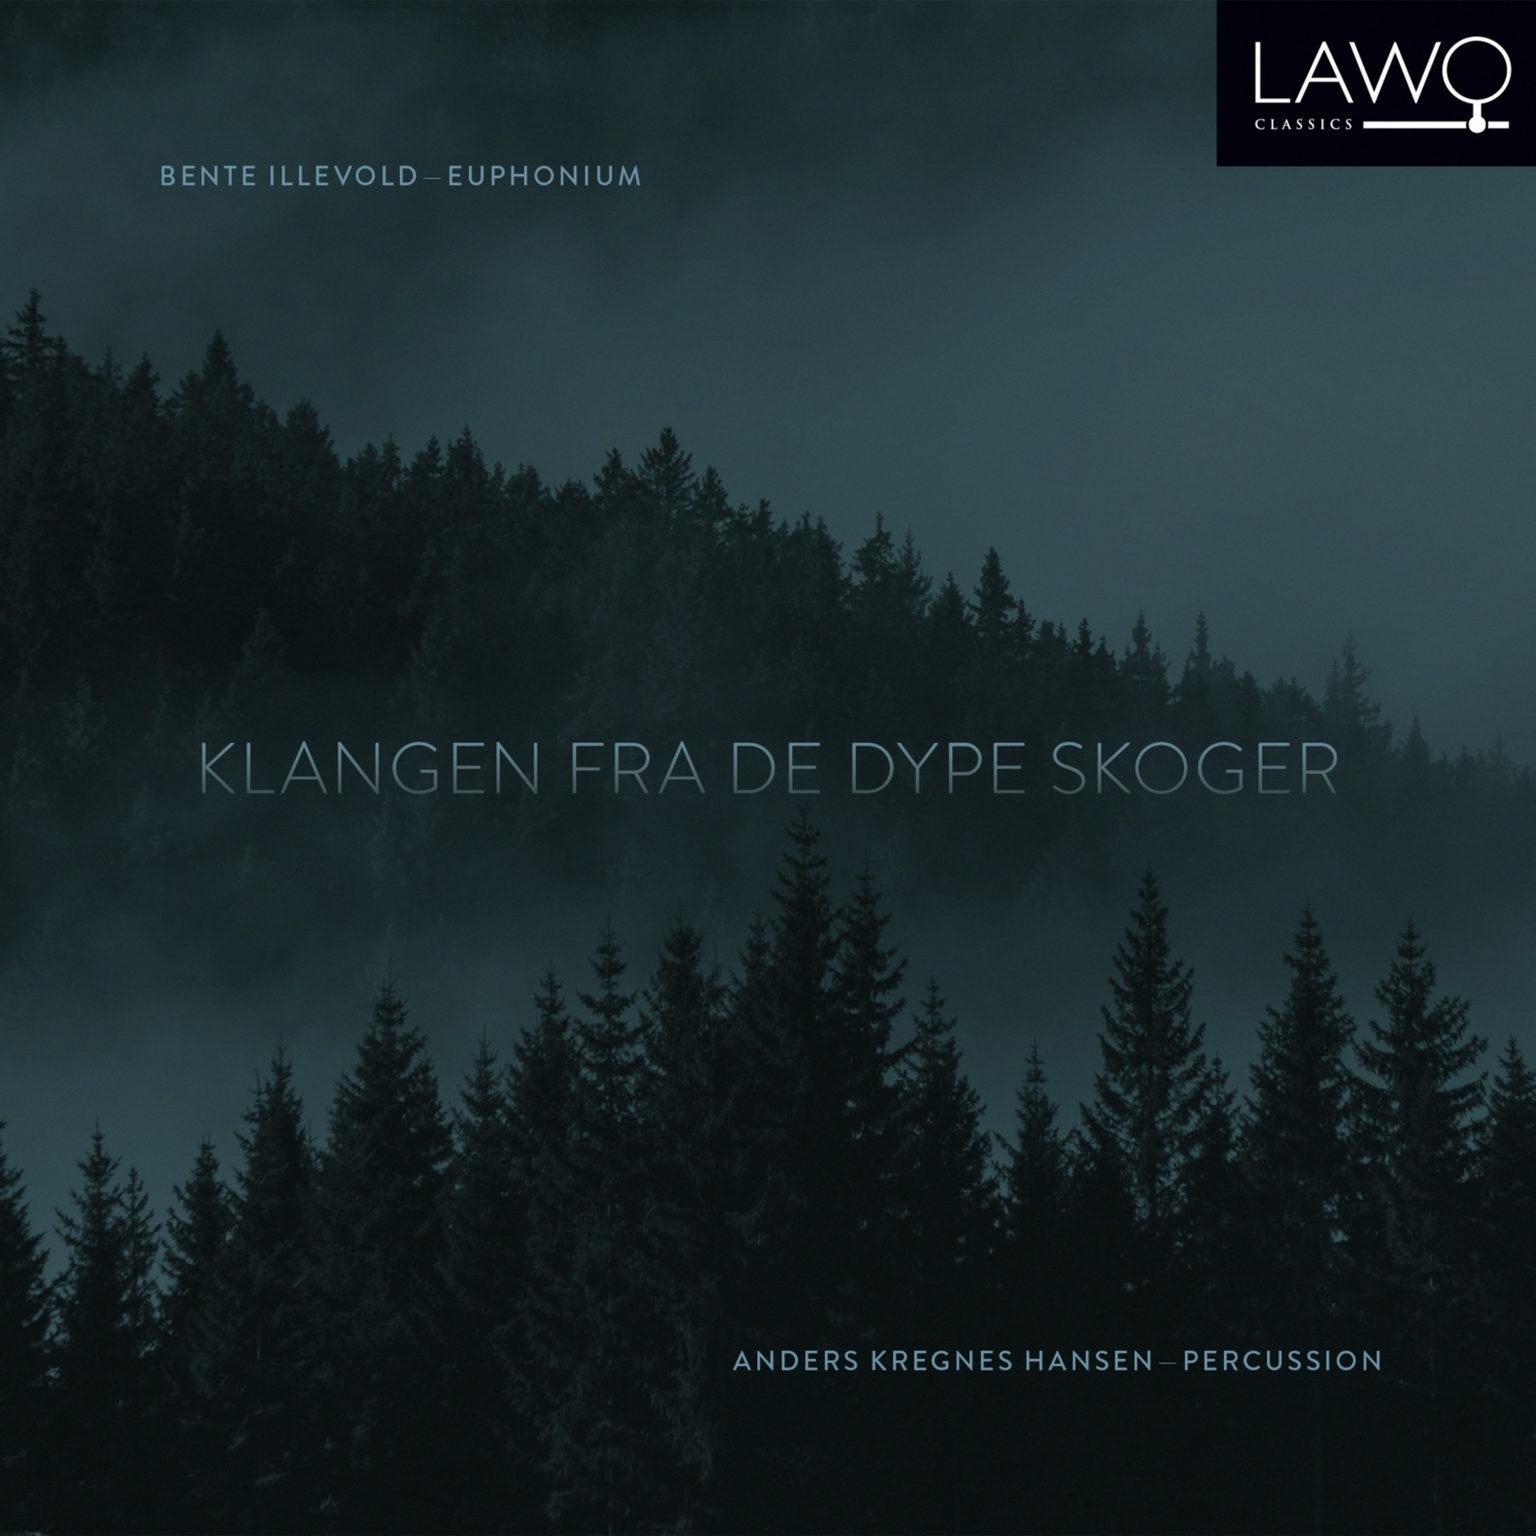 Click image for larger version.  Name:LWC1195_Bente_Illevold_Klangen_fra_de_dype_skoger_cover_3000x3000px-1536x1536.jpg Views:166 Size:174.8 KB ID:7720